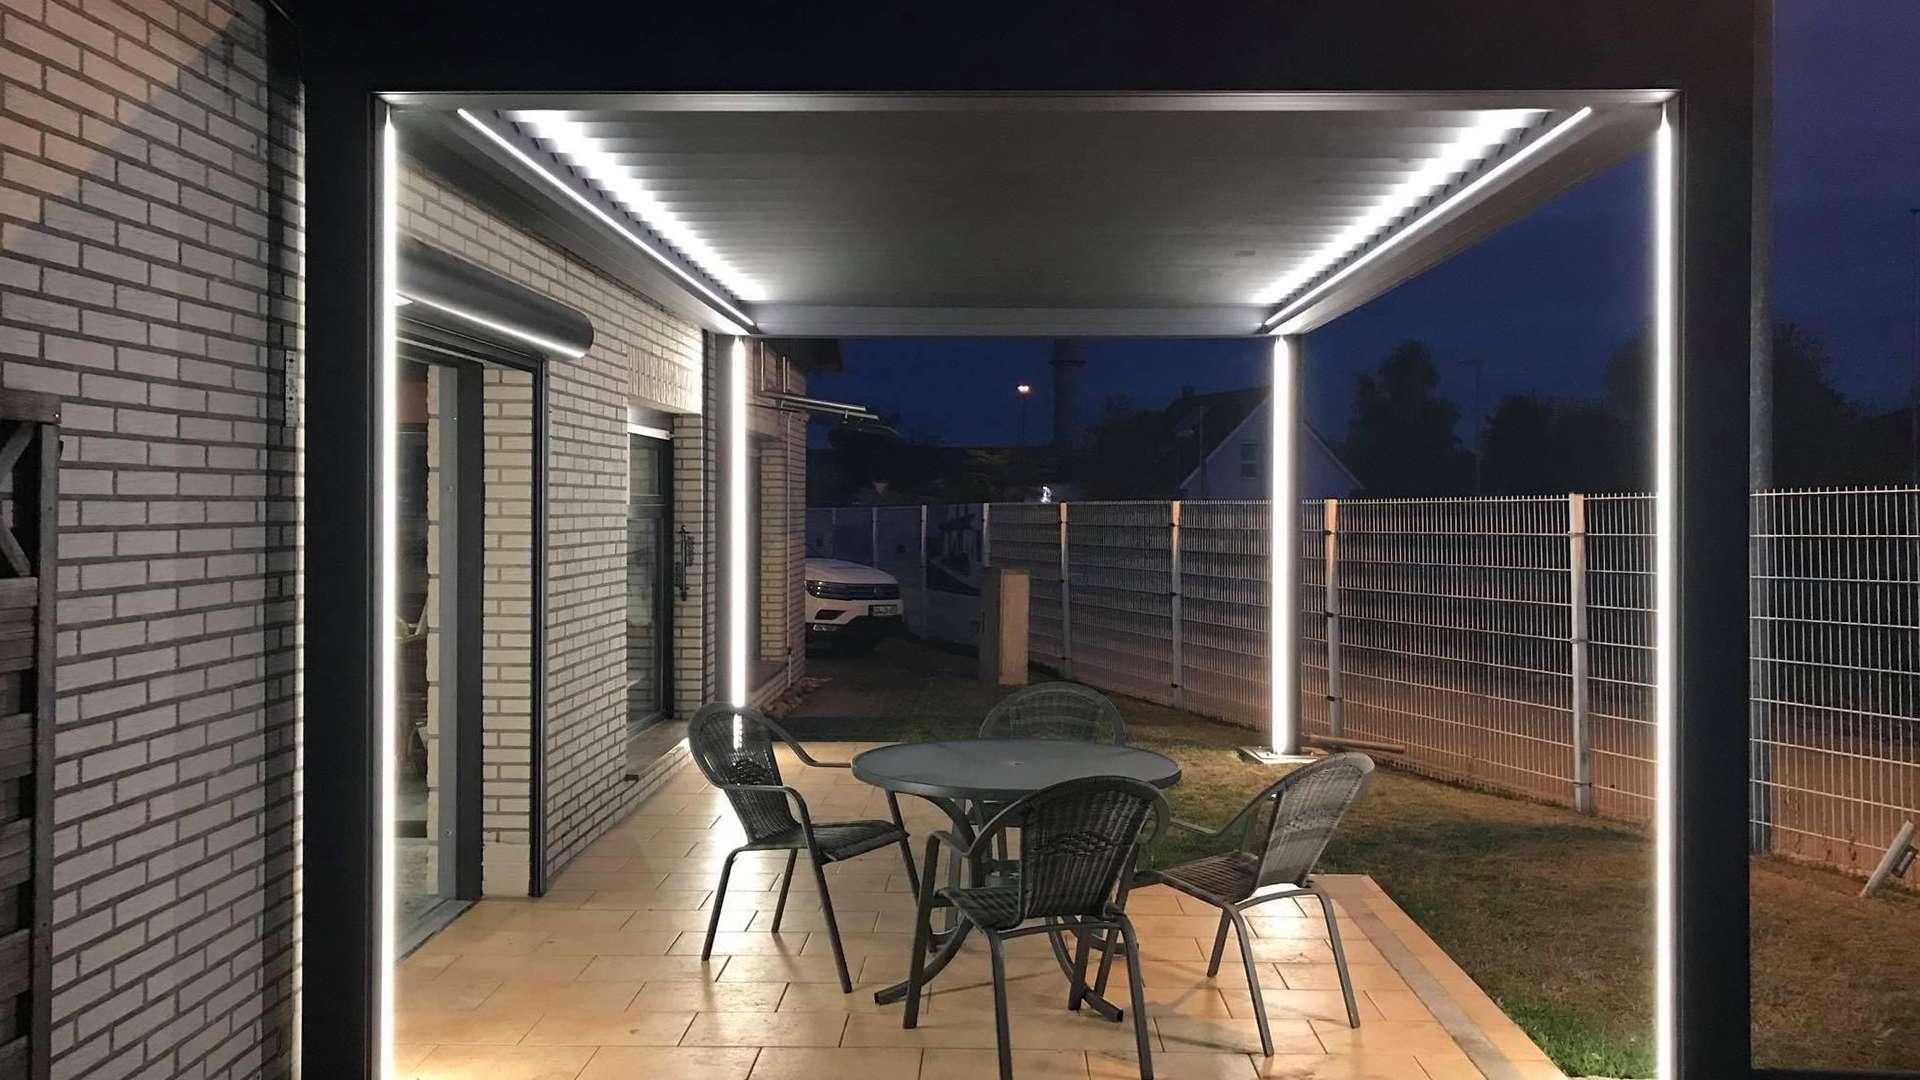 Lamaxa Lamellendach in der Außenausstellung von Knobloch in Gardelegen bei Nacht